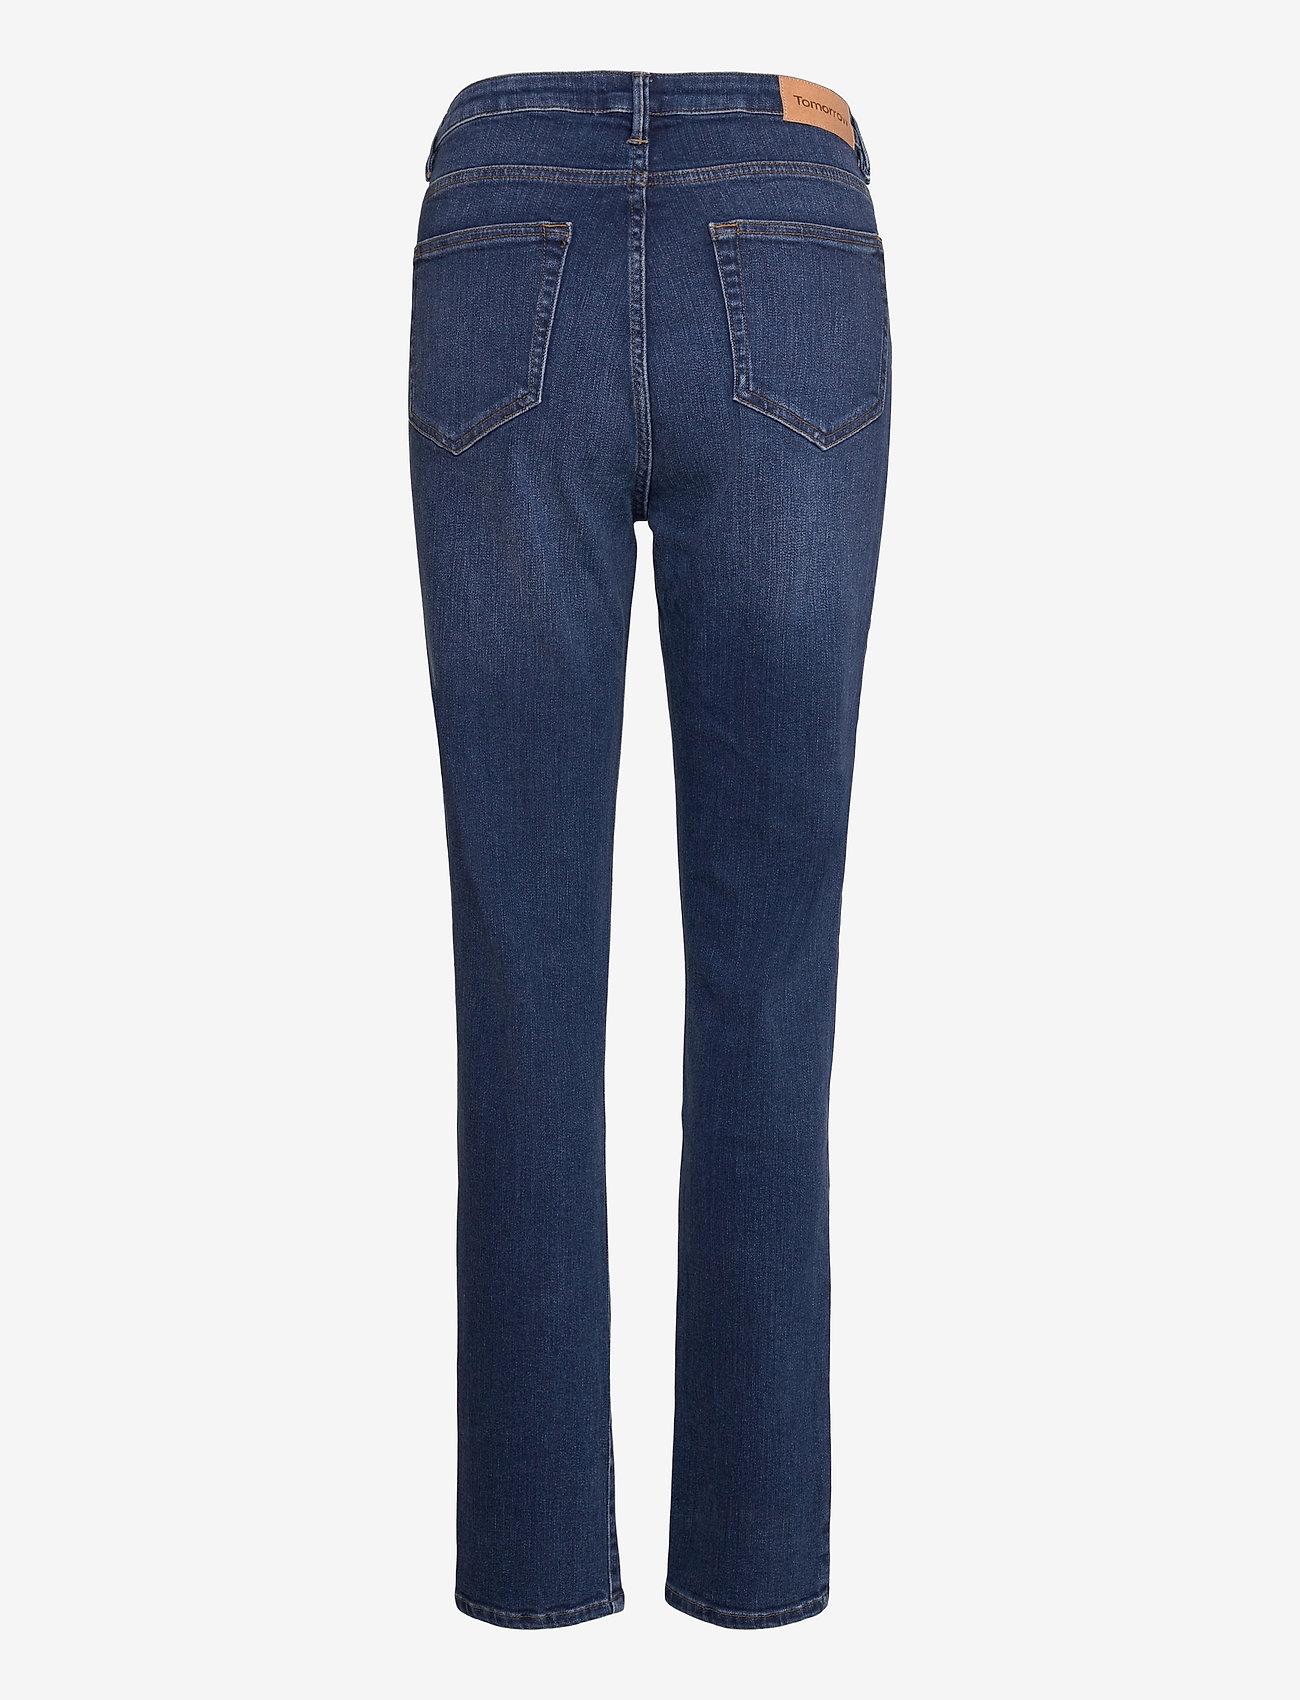 Tomorrow - Bowie HW jeans special Prato - slim jeans - denim blue - 1